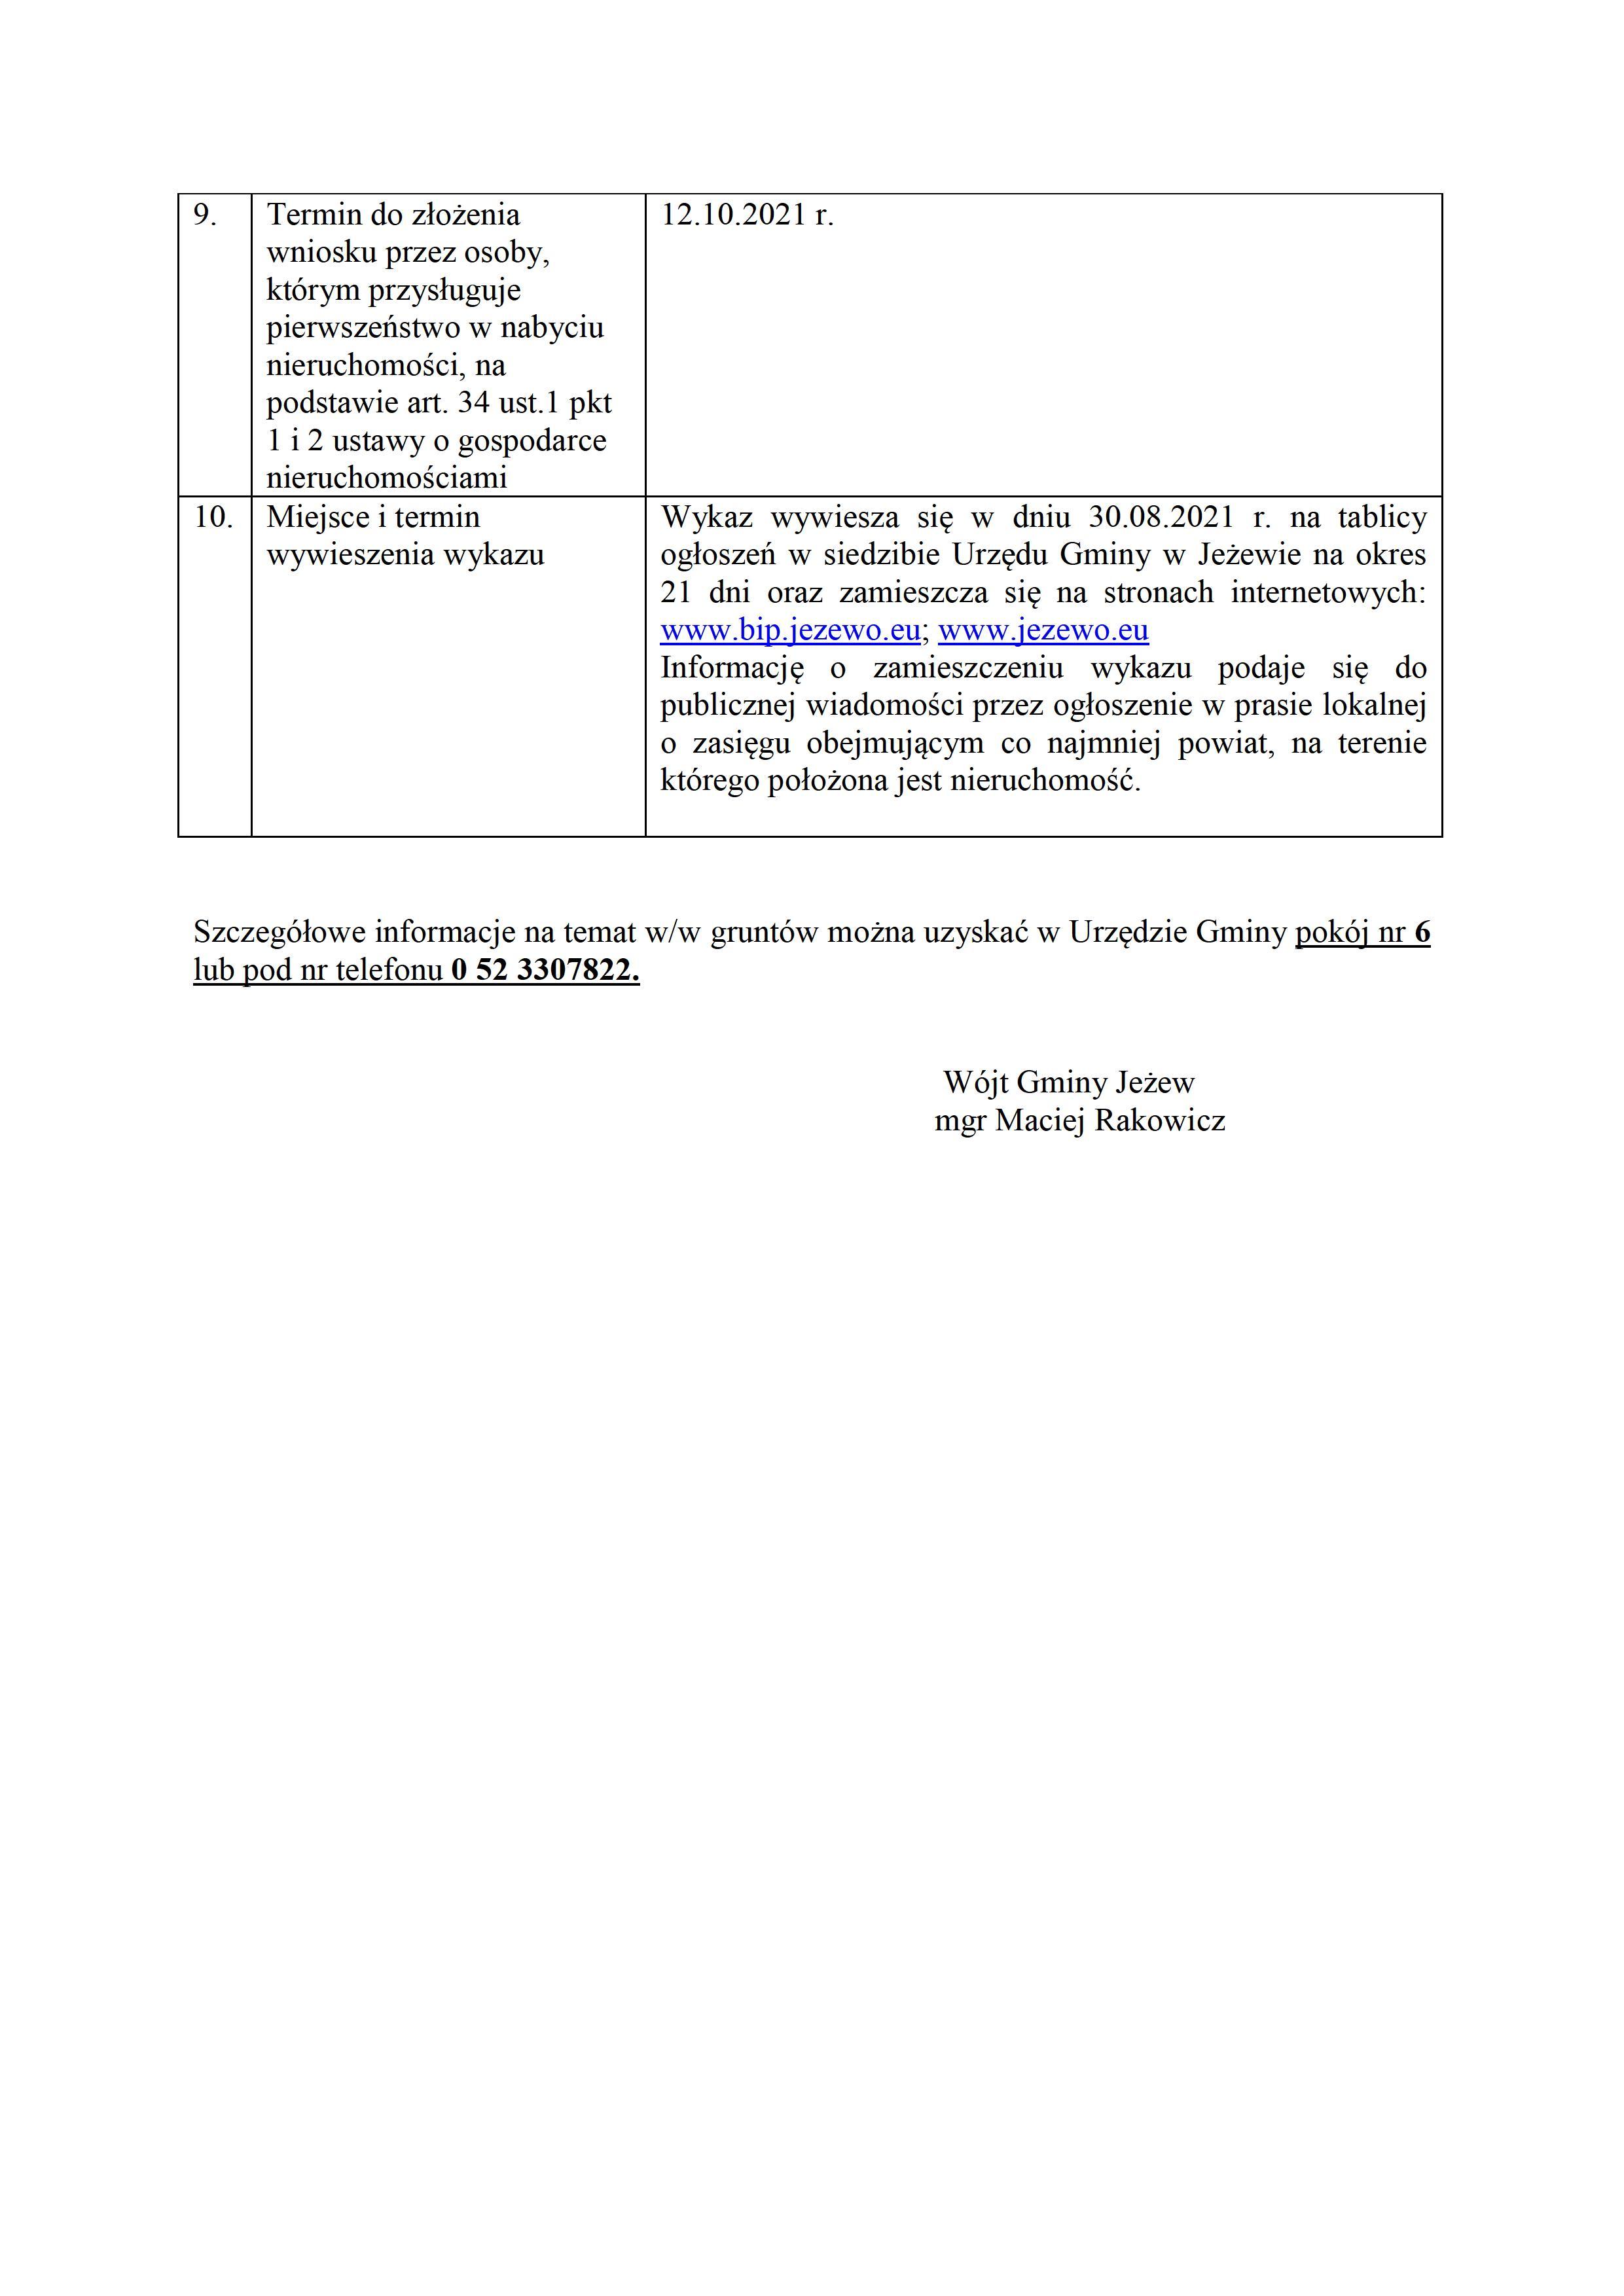 Wykaz nieruchomości przeznaczonej do sprzedaży, dz. nr 111/66, dz. nr 111/79, obręb Laskowice